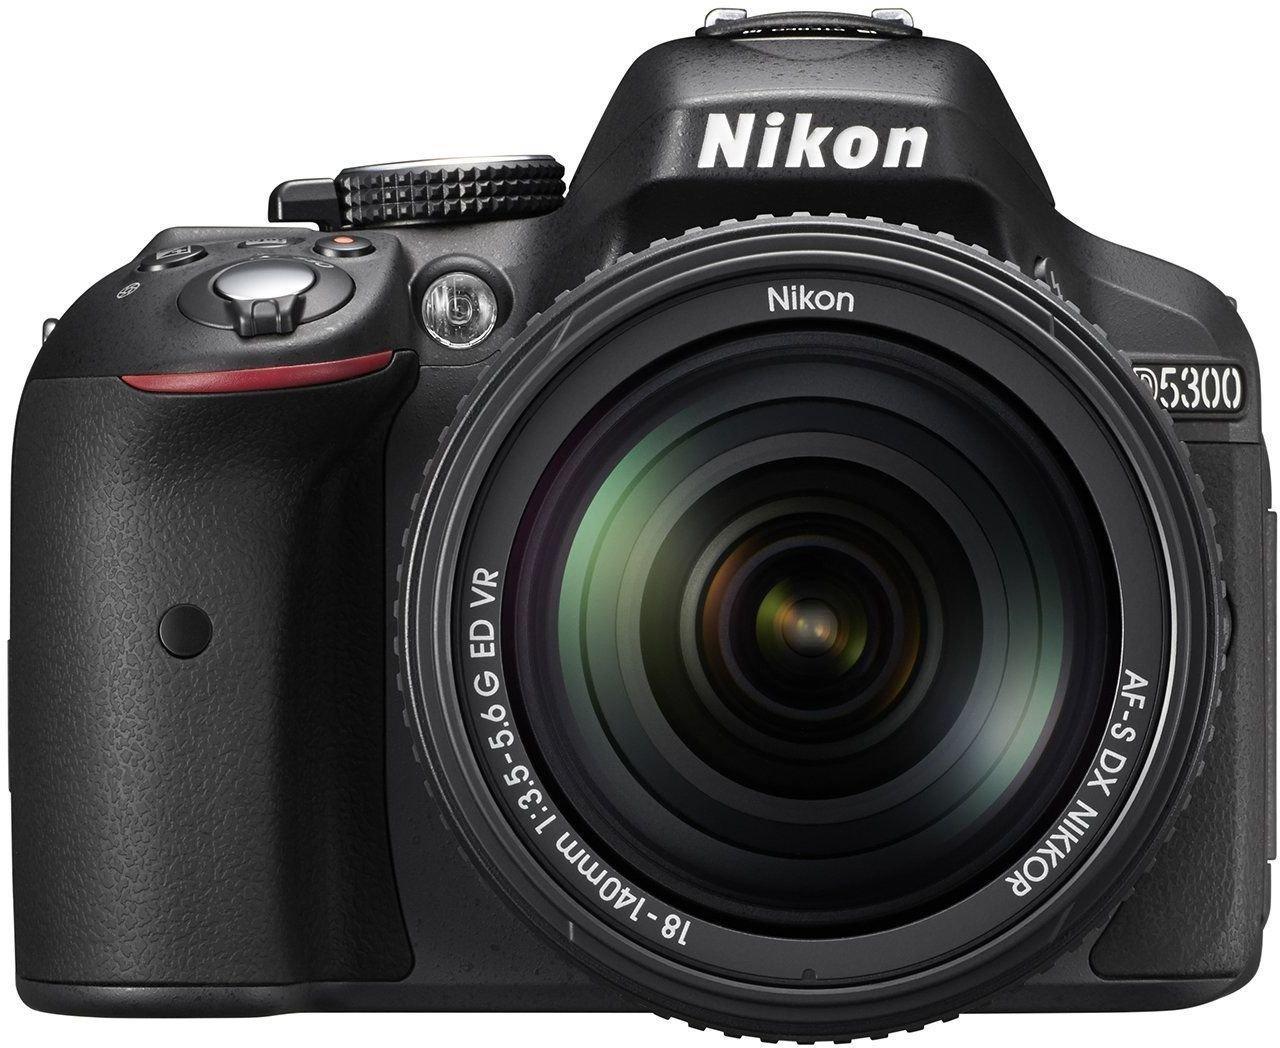 Nikon D5300 Best DSLR